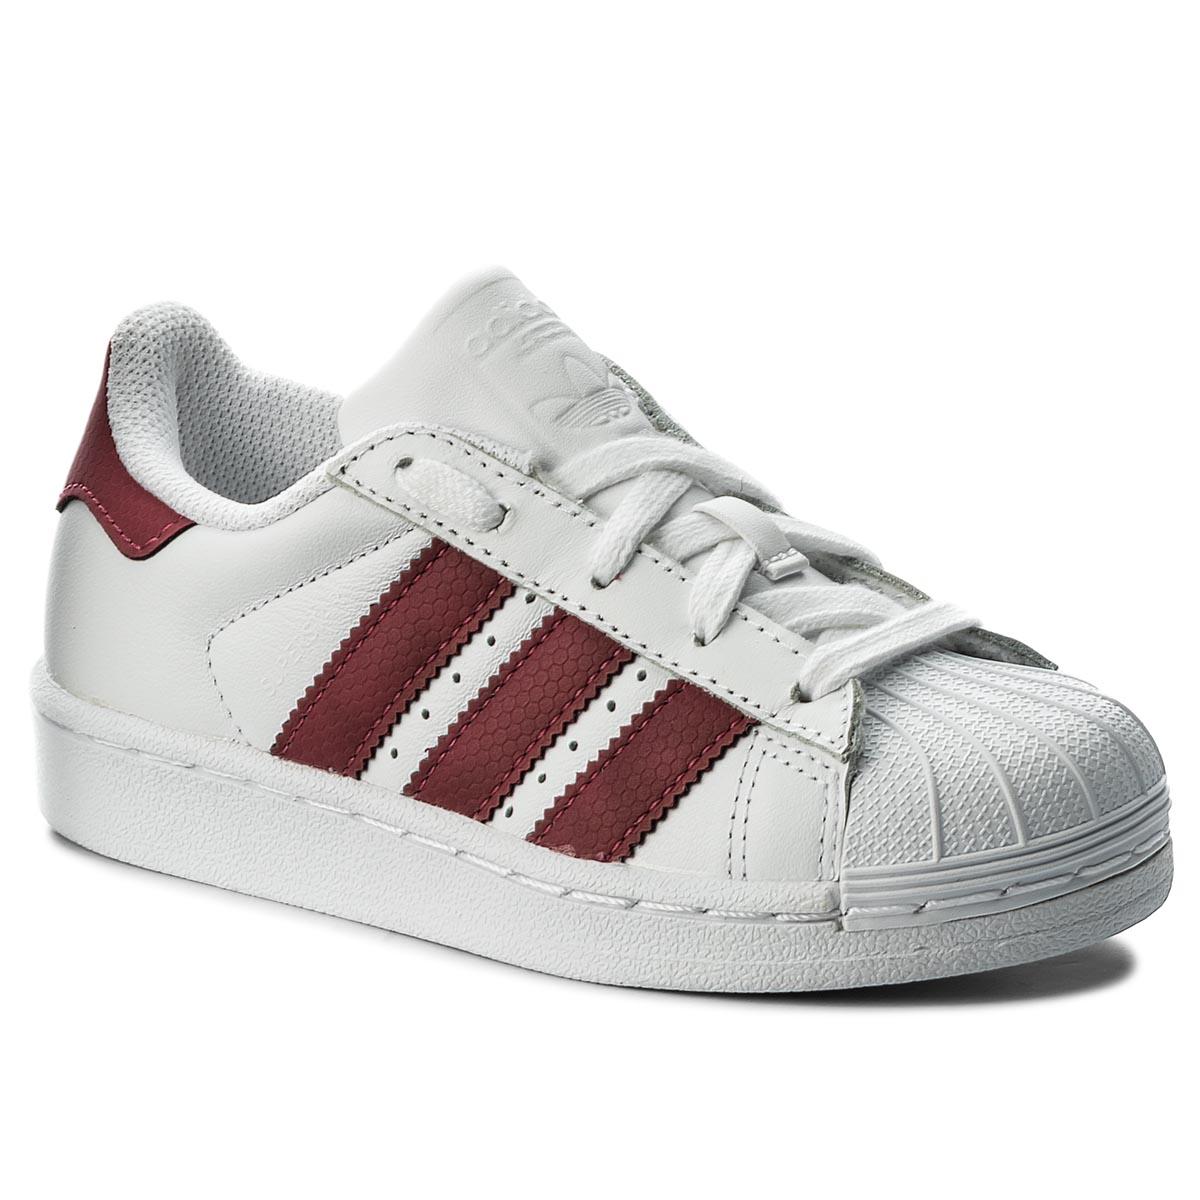 Topánky adidas - Superstar C CQ2723 Ftwwht Ftwwht Cblack - Glami.sk 9a3b8a2f5c